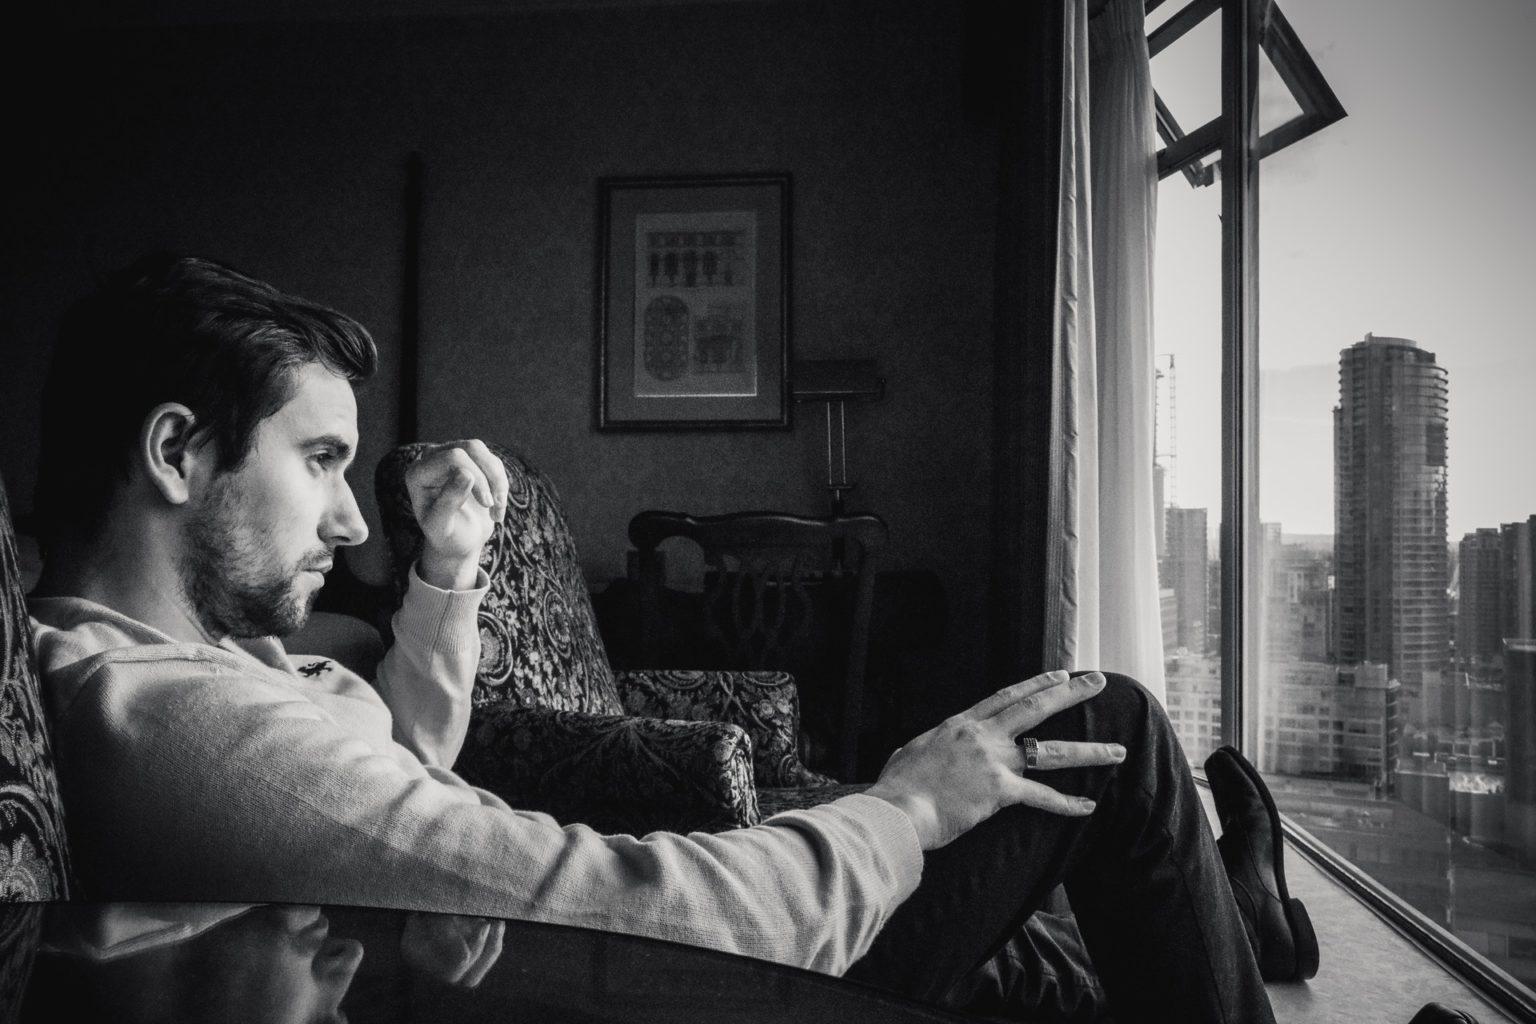 Рецепты счастливой жизни, которые не работают. Колумнист Esquire.kz о бульварной психологии и ее верных последователях